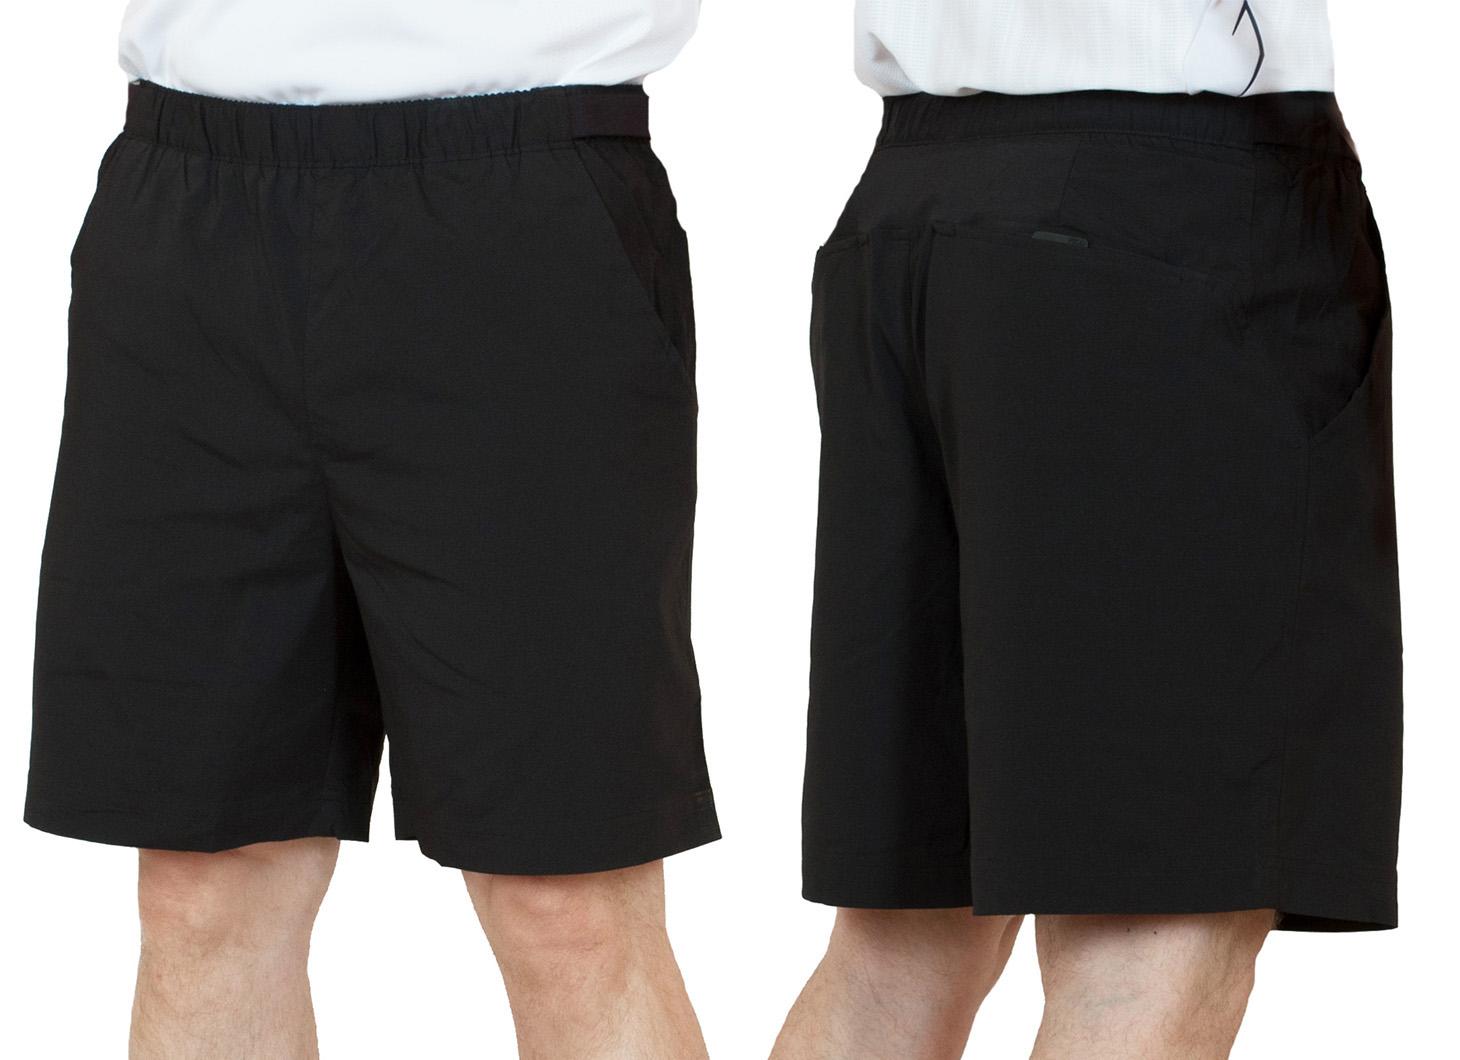 Заказать черные спортивные шорты для мужчин